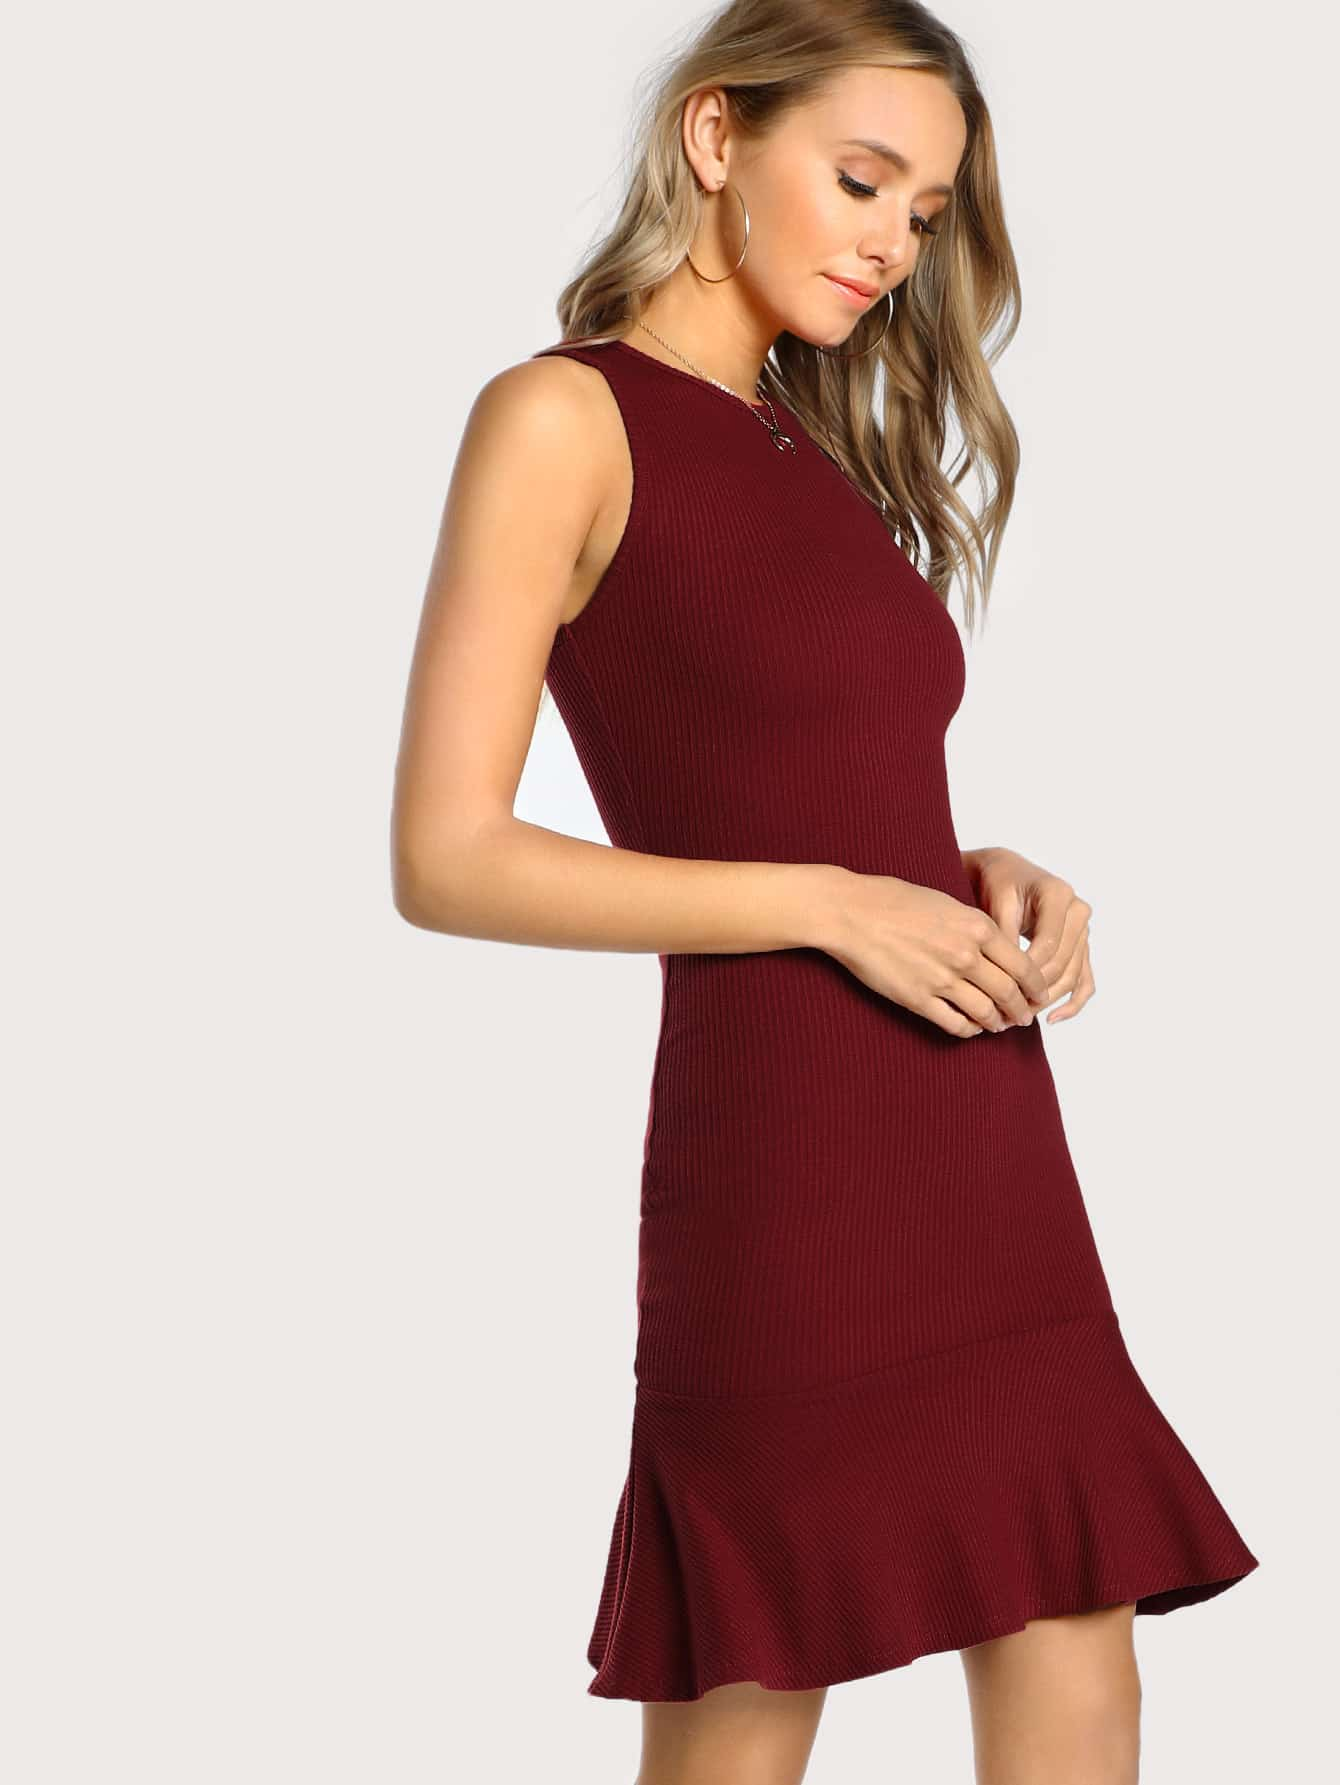 Frill Hem Rib Knit Tank Dress dressmmc171017705